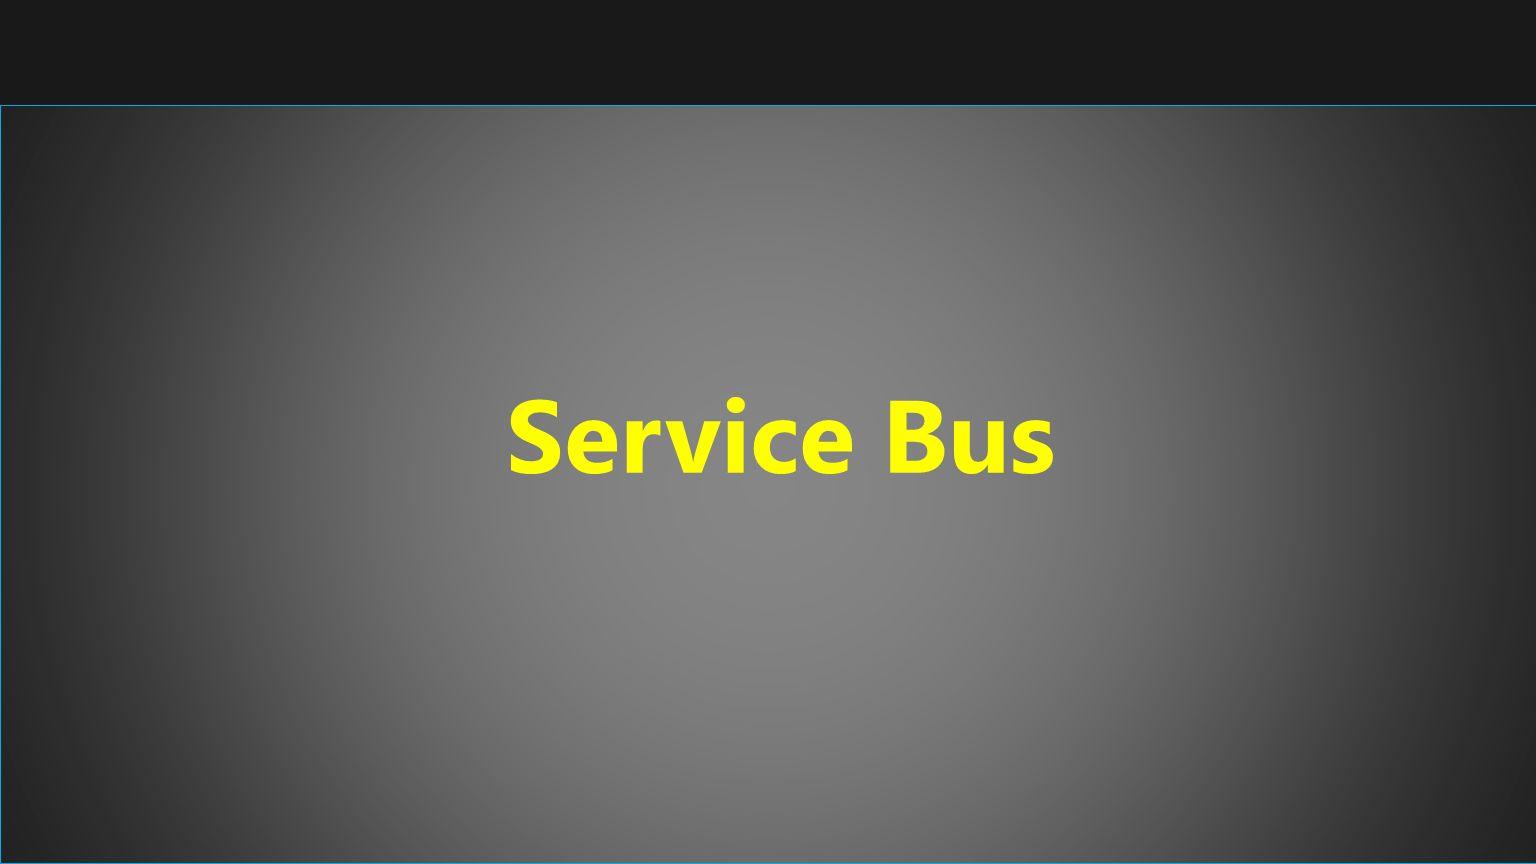 Service Bus Service Bus